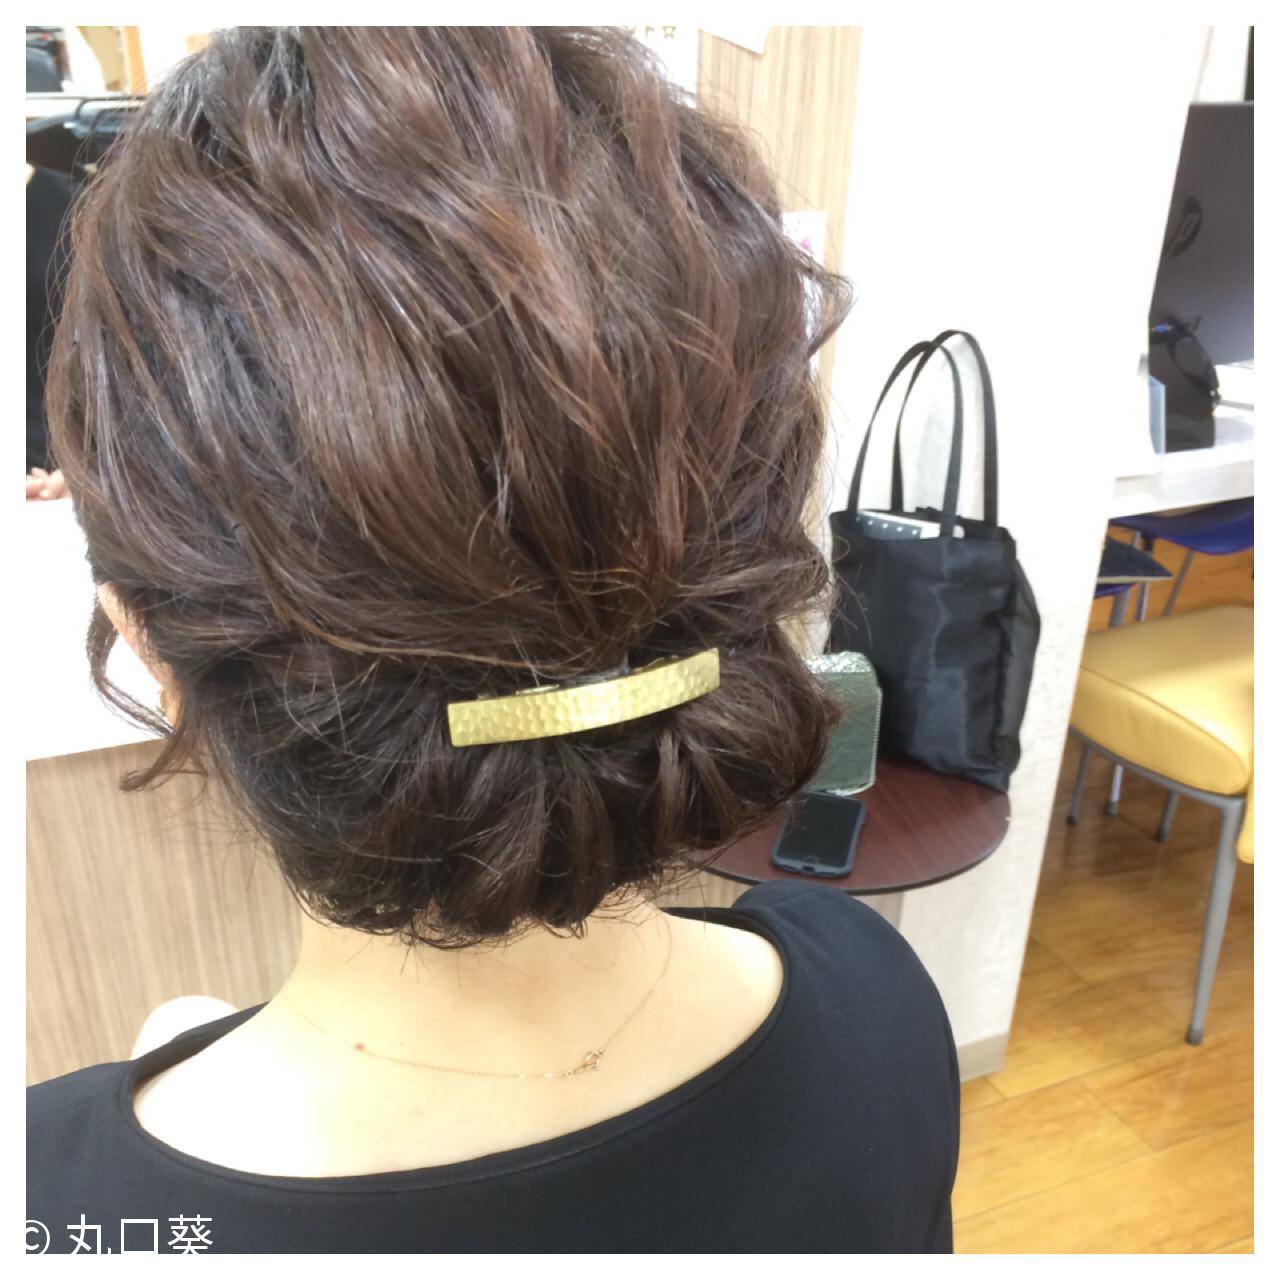 忙しい朝に◎簡単にまとめ髪が作れるロングヘアアレンジ集 丸口葵